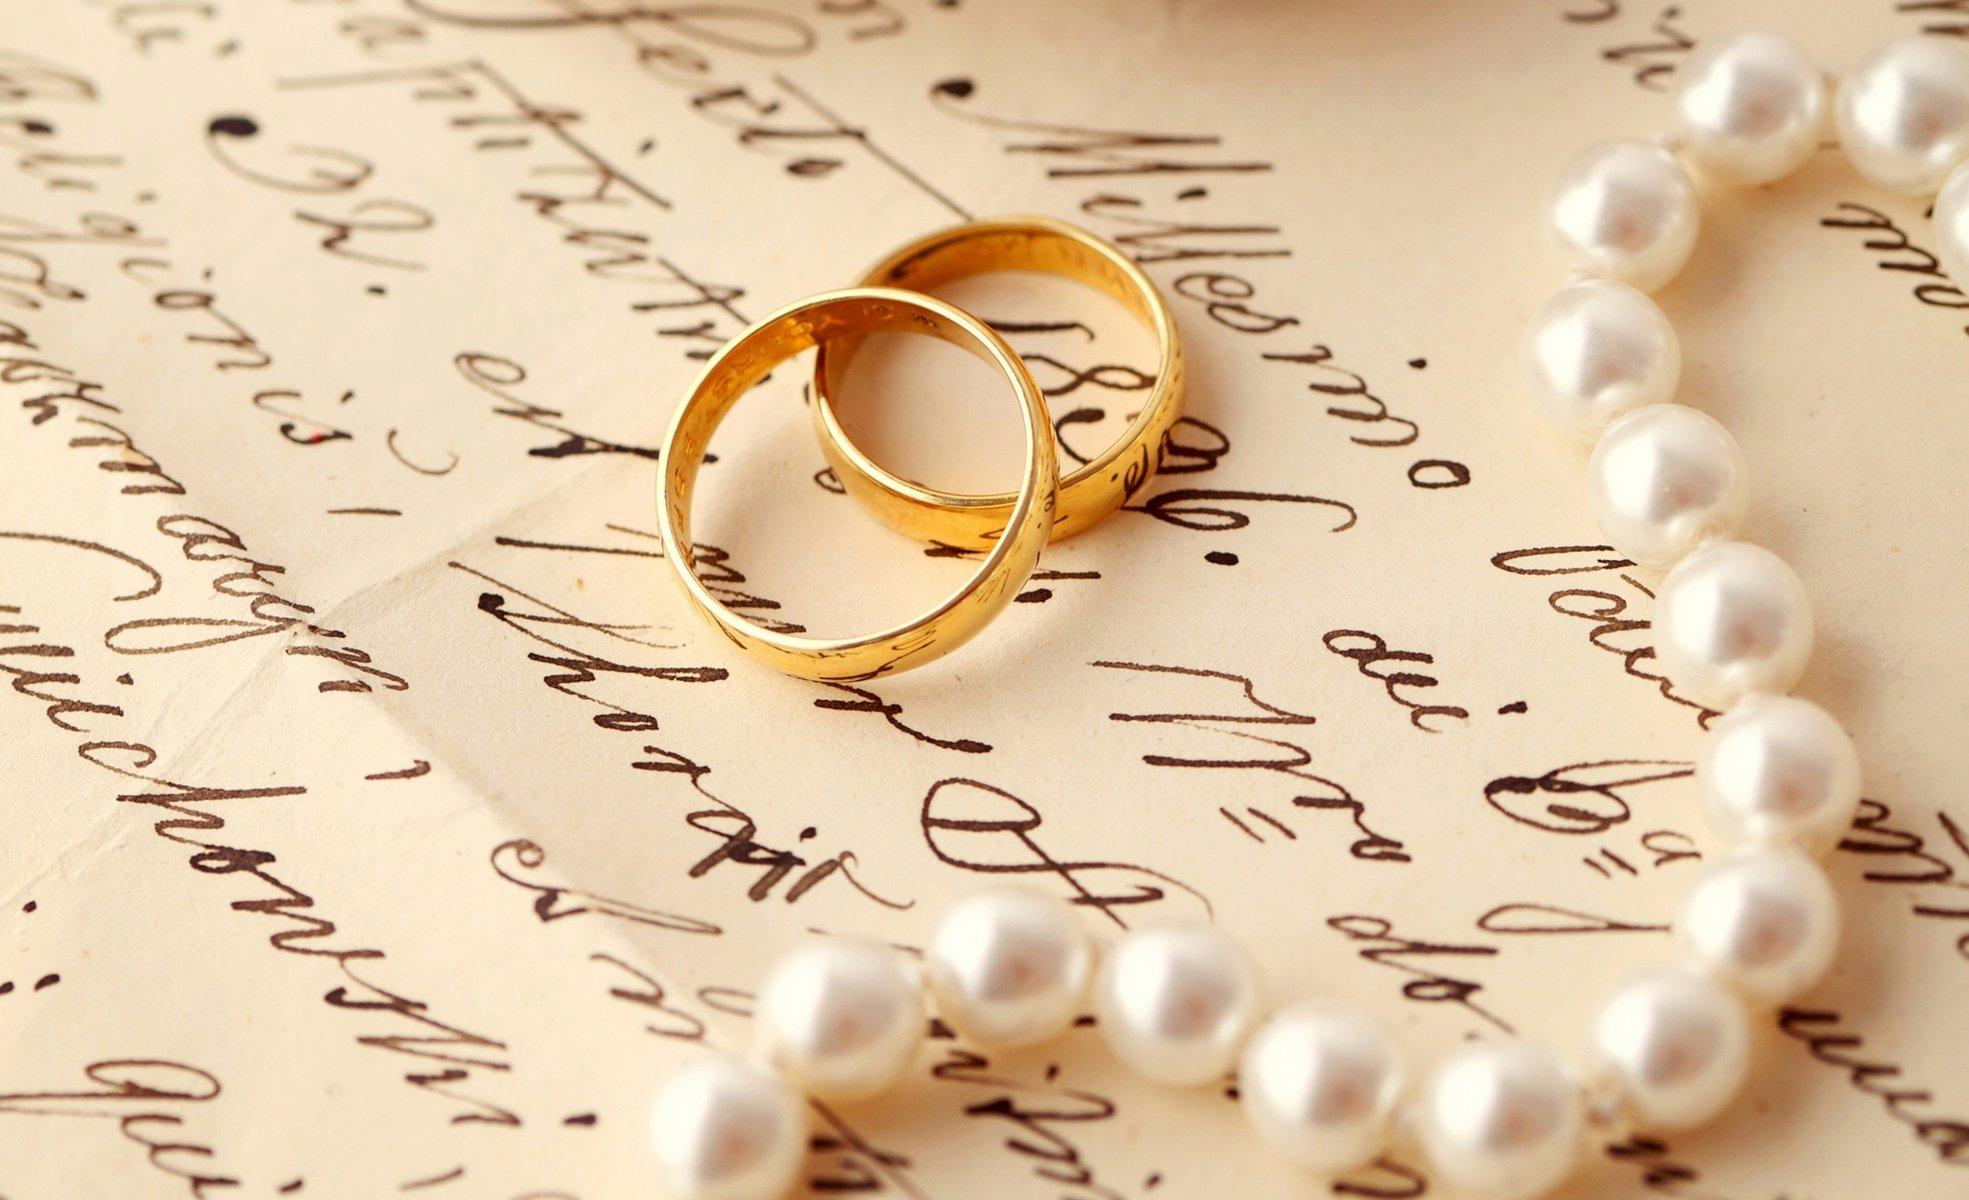 Поздравление на золотой свадьбе в прозе